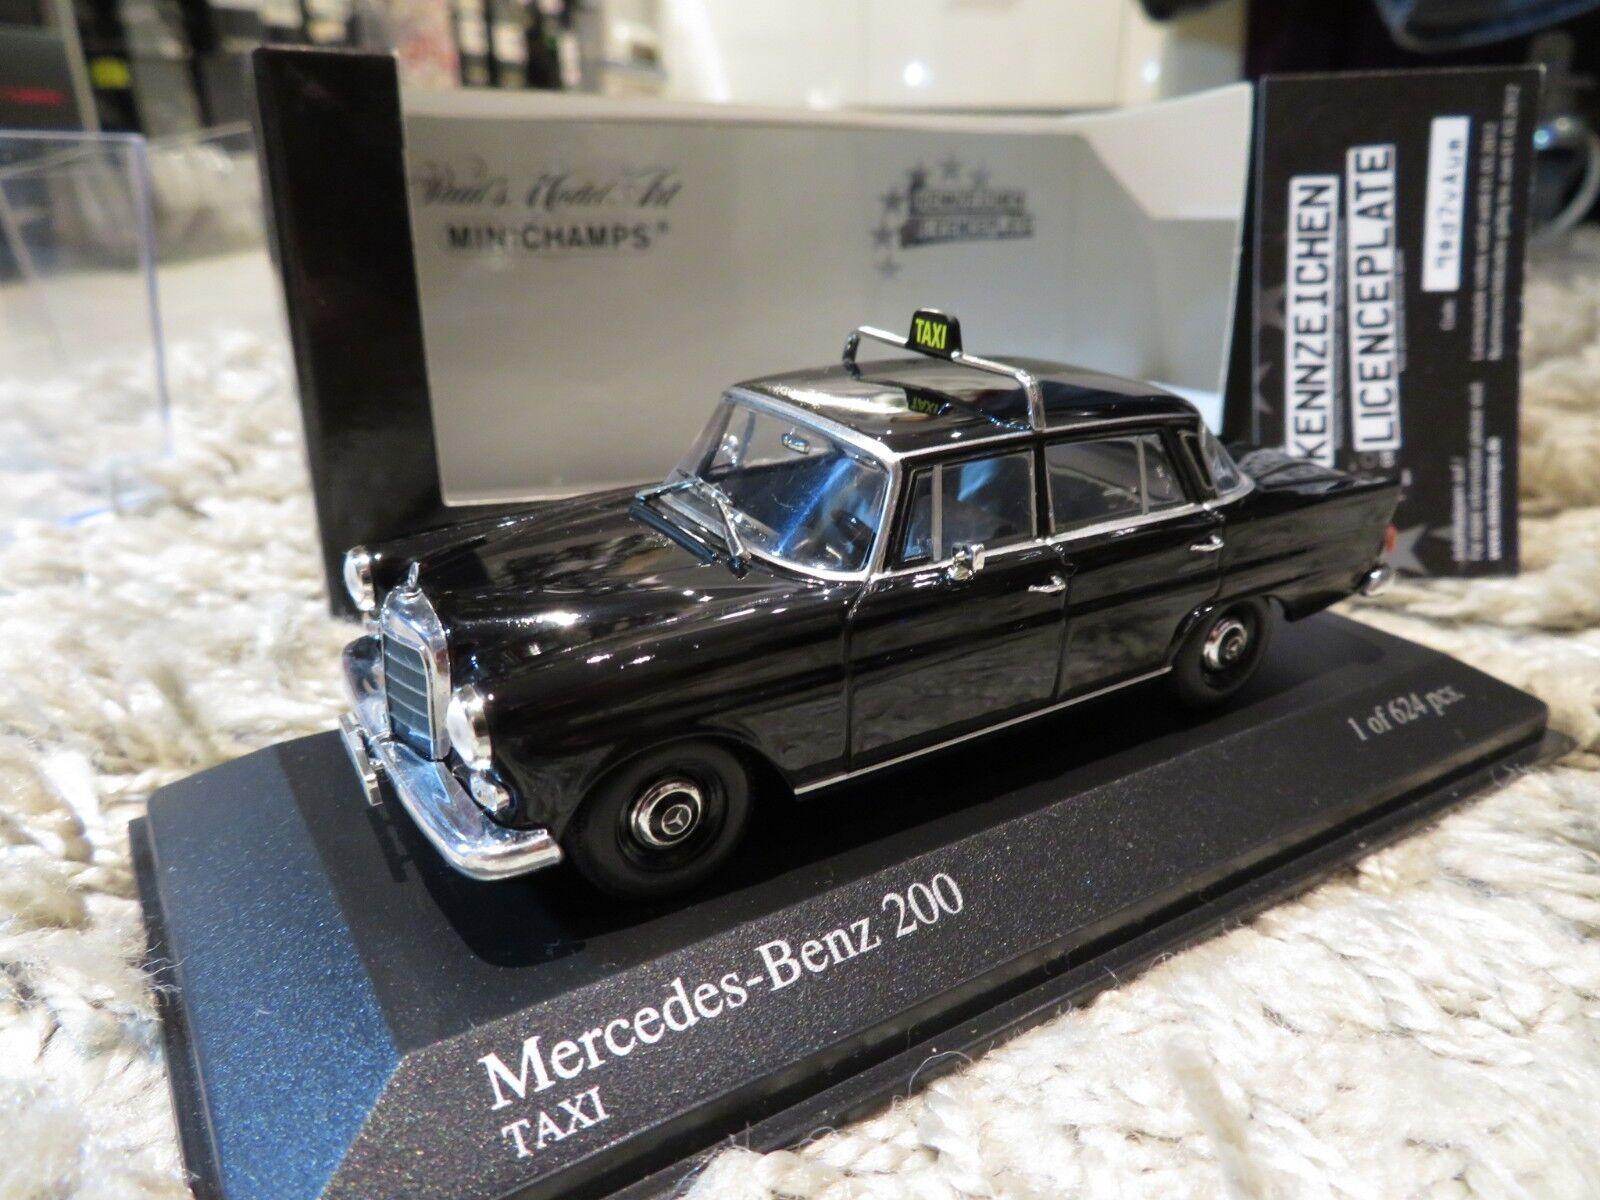 precio mas barato 1 43 Minichamps Mercedes Benz 200D Diecast Taxi Taxi Taxi (1965)  punto de venta de la marca